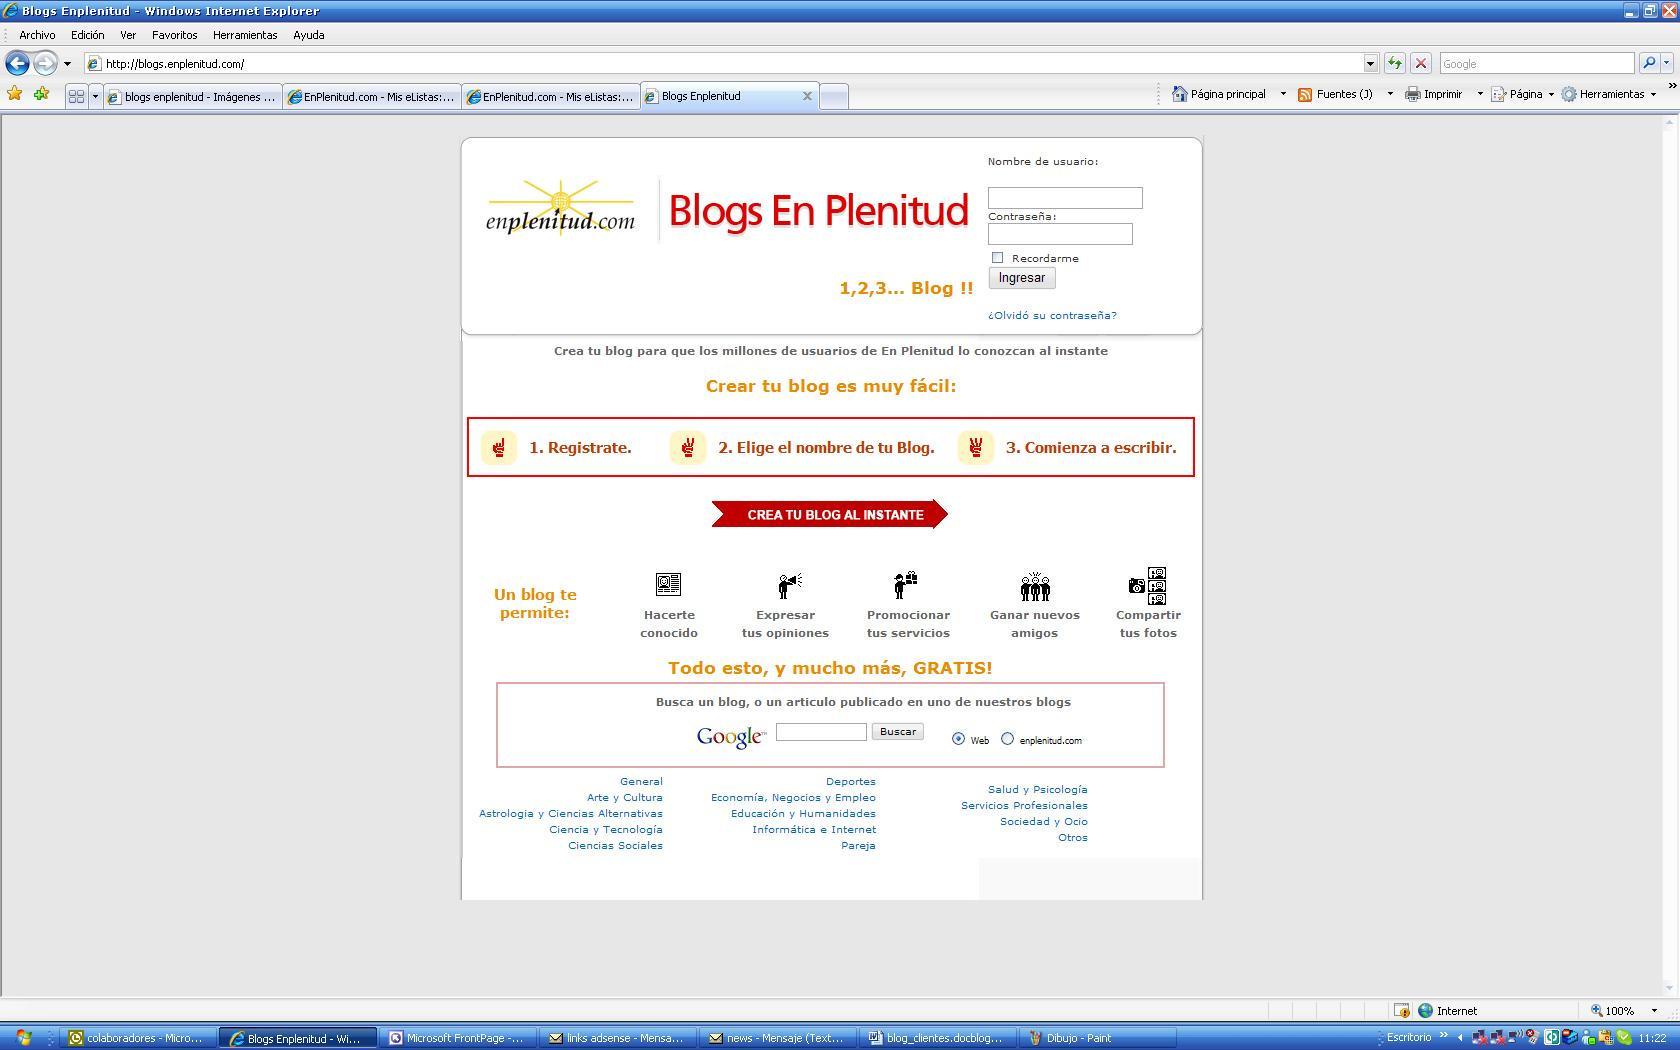 Crea un blog para atraer y retener clientes